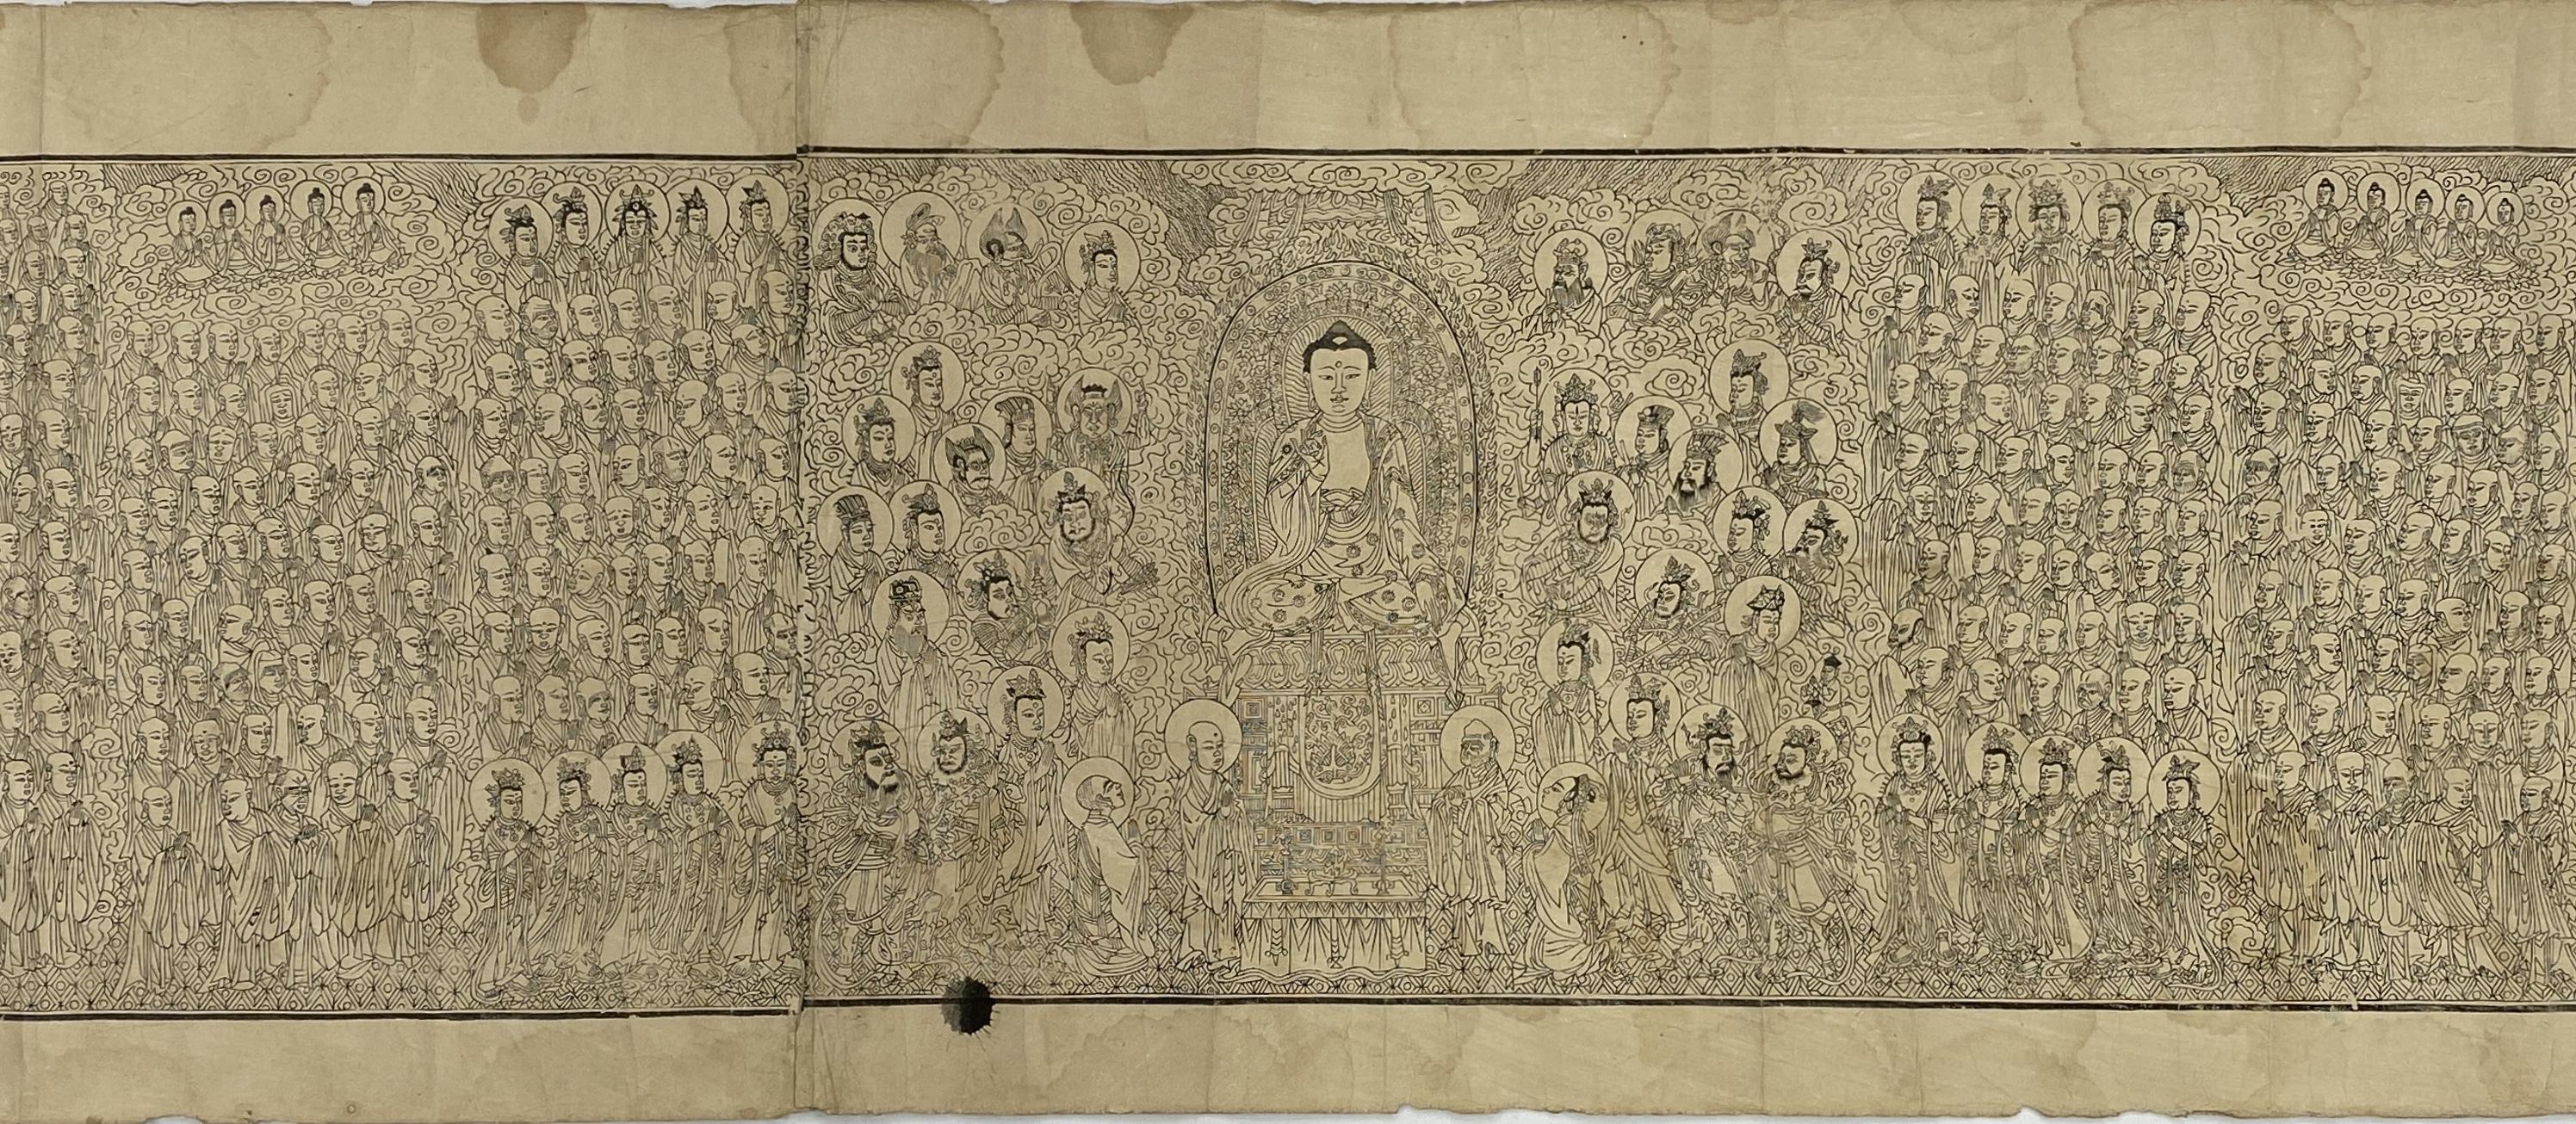 20675「宣徳八年~」「妙法蓮花経観世音菩薩普門品」一巻33×1452cm